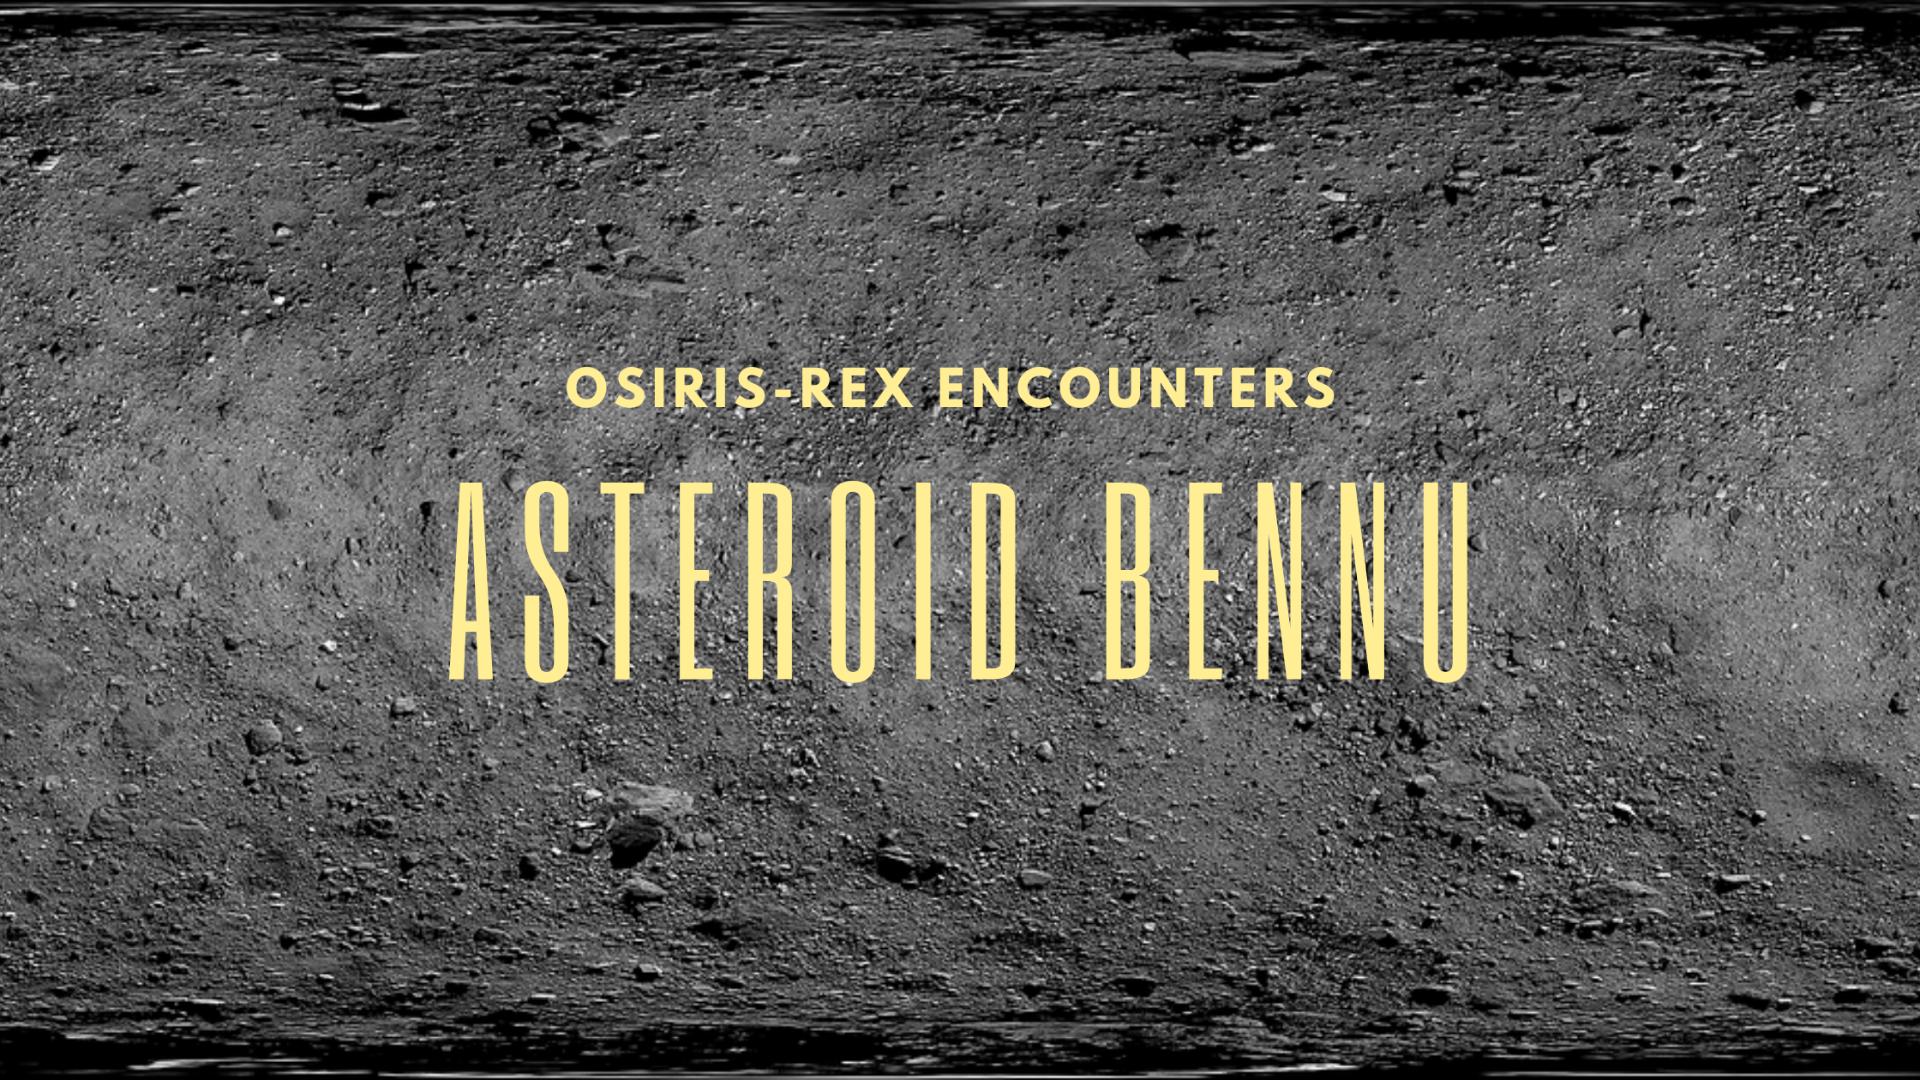 Asteroid Bennu surface image taken from Osiris Rex